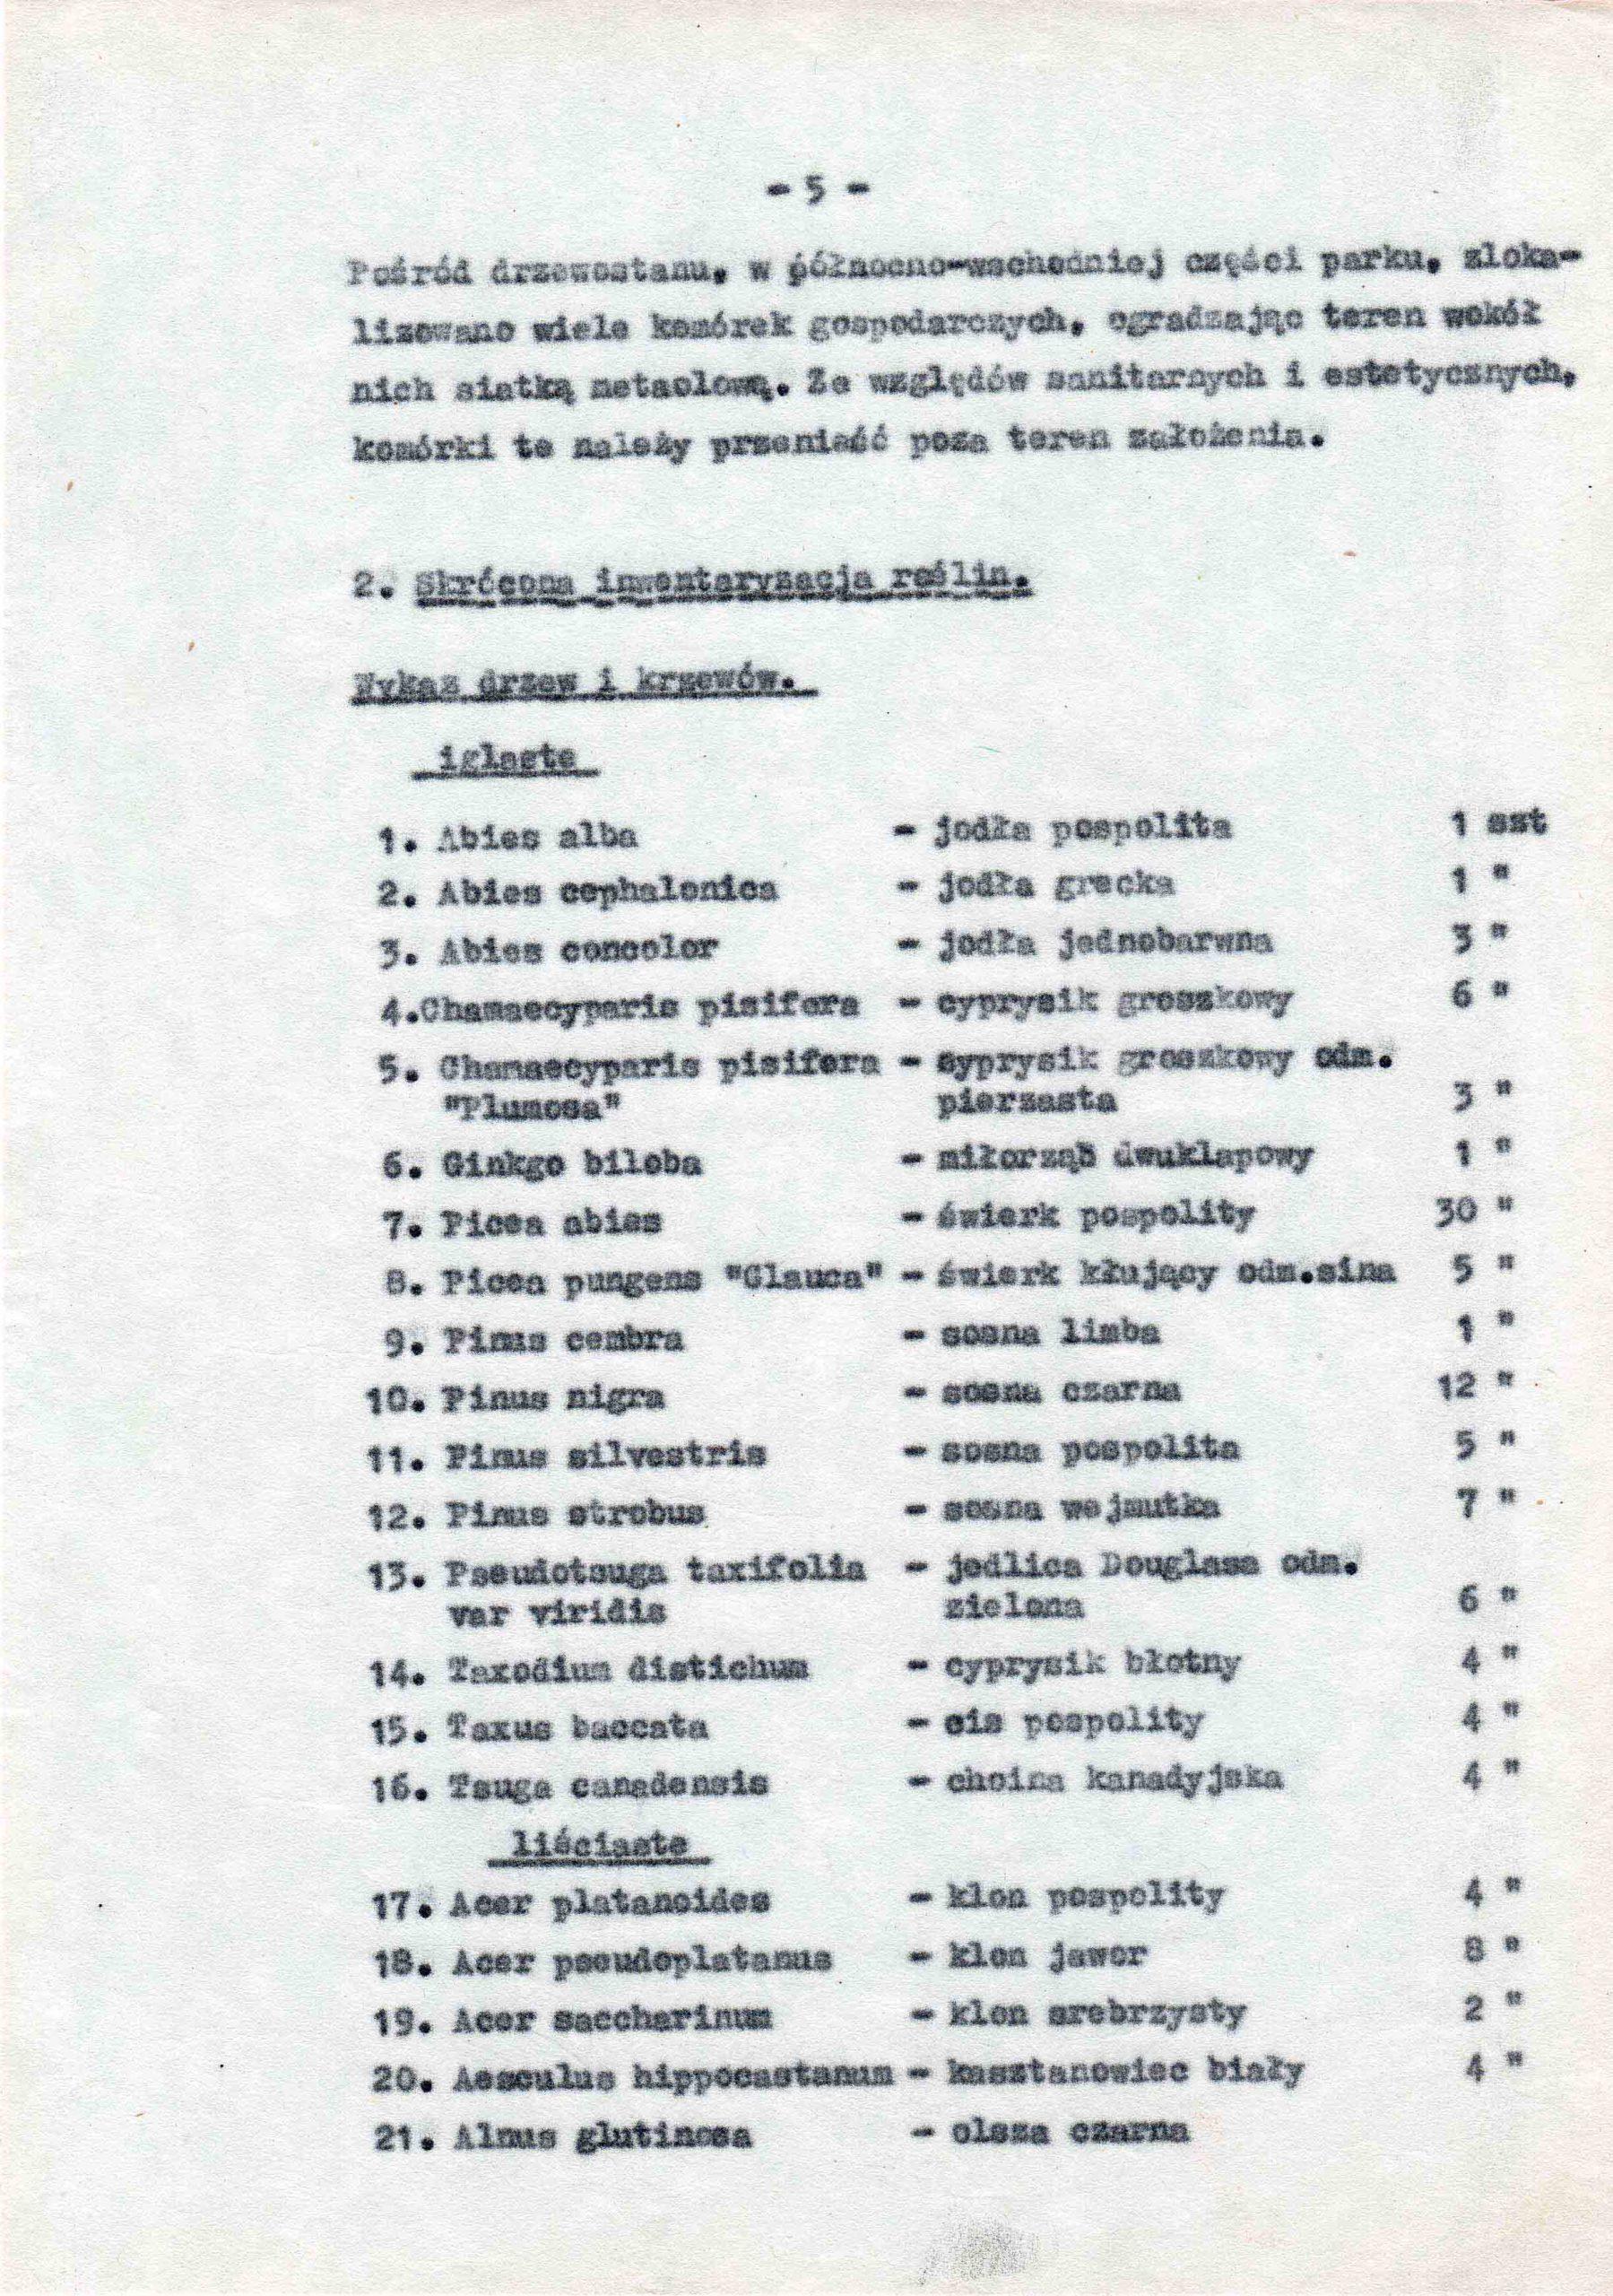 Ewidencja założenia ogrodowo-parkowego 1987 dokument (9)